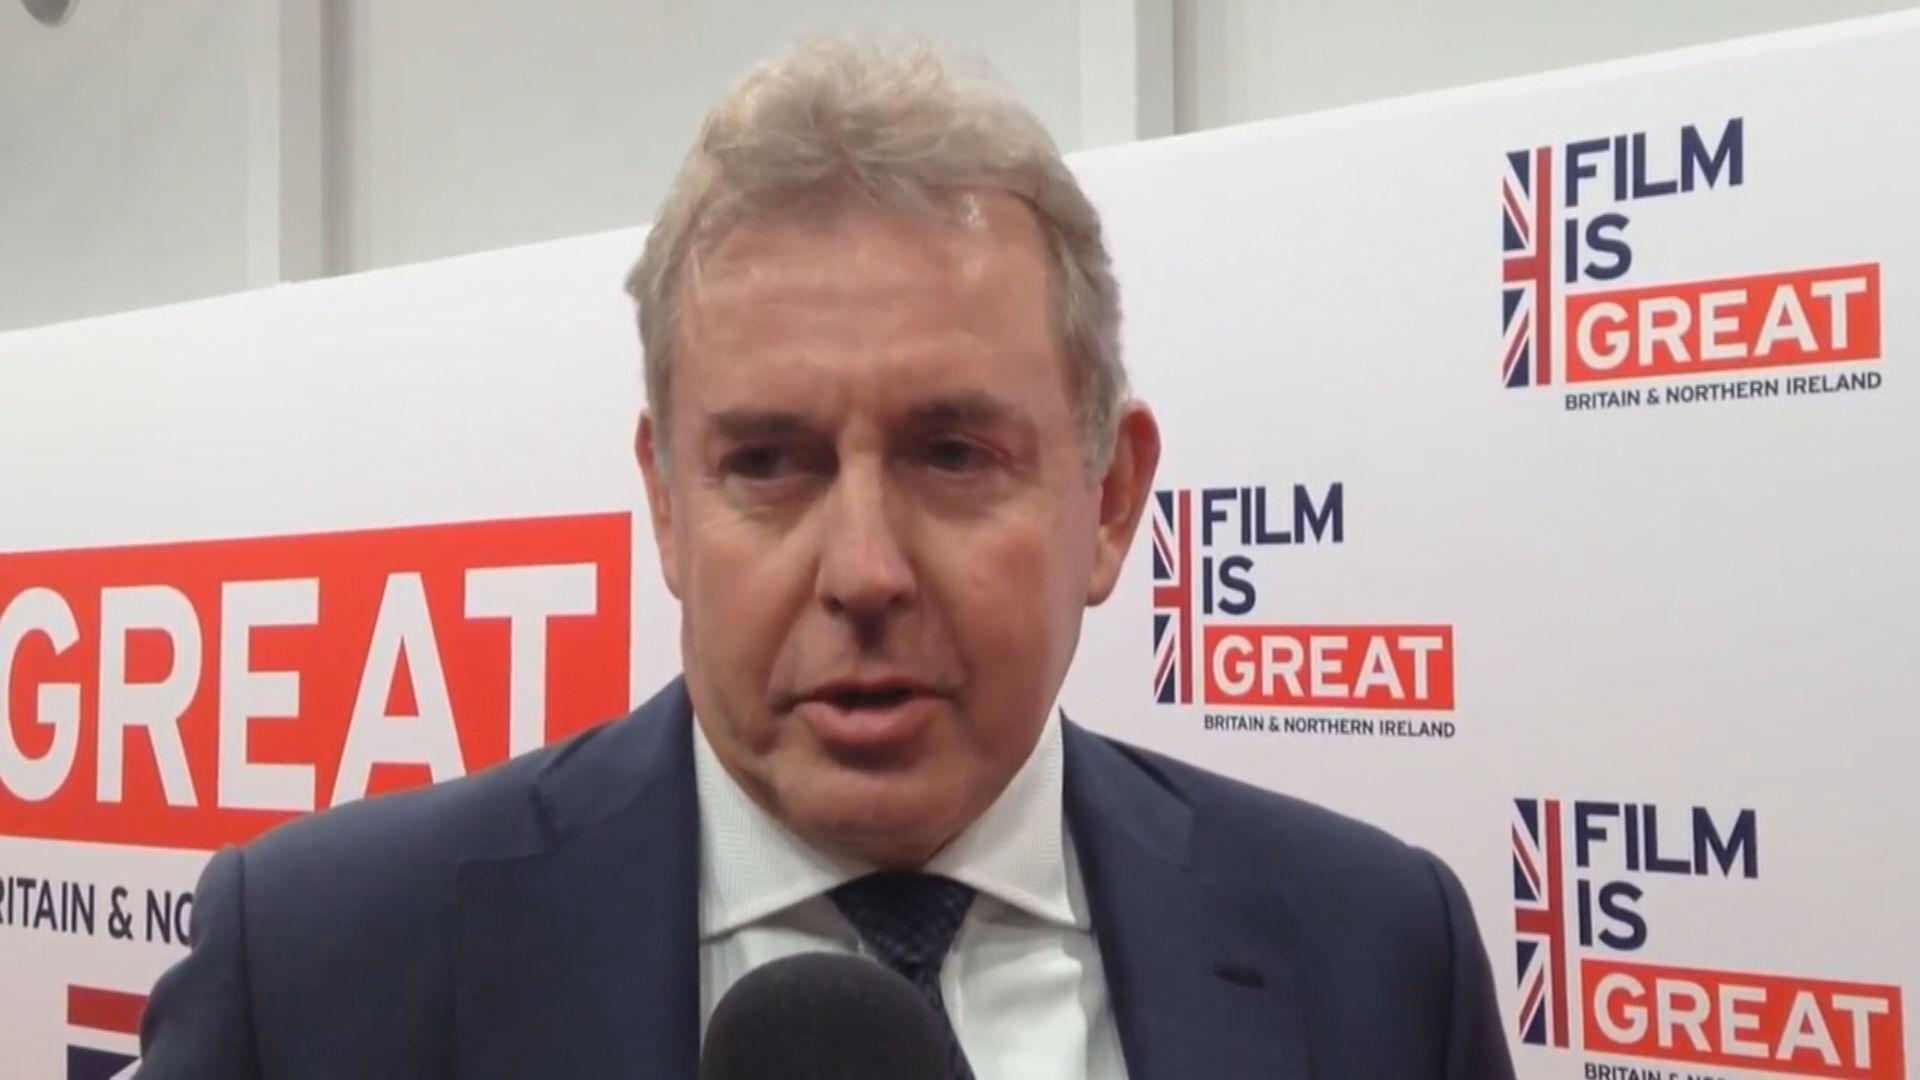 英國駐美大使建議三招應對特朗普